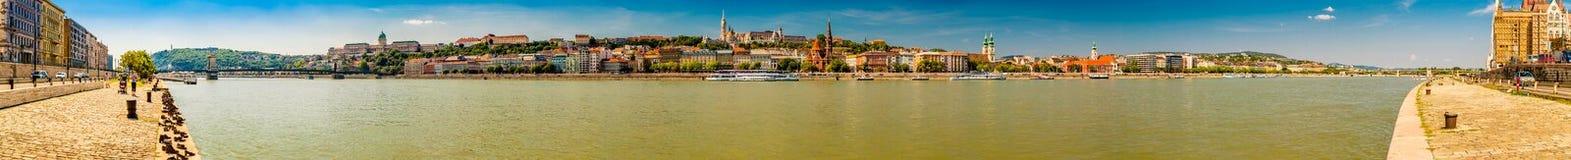 多瑙河和地标在布达佩斯 免版税库存照片